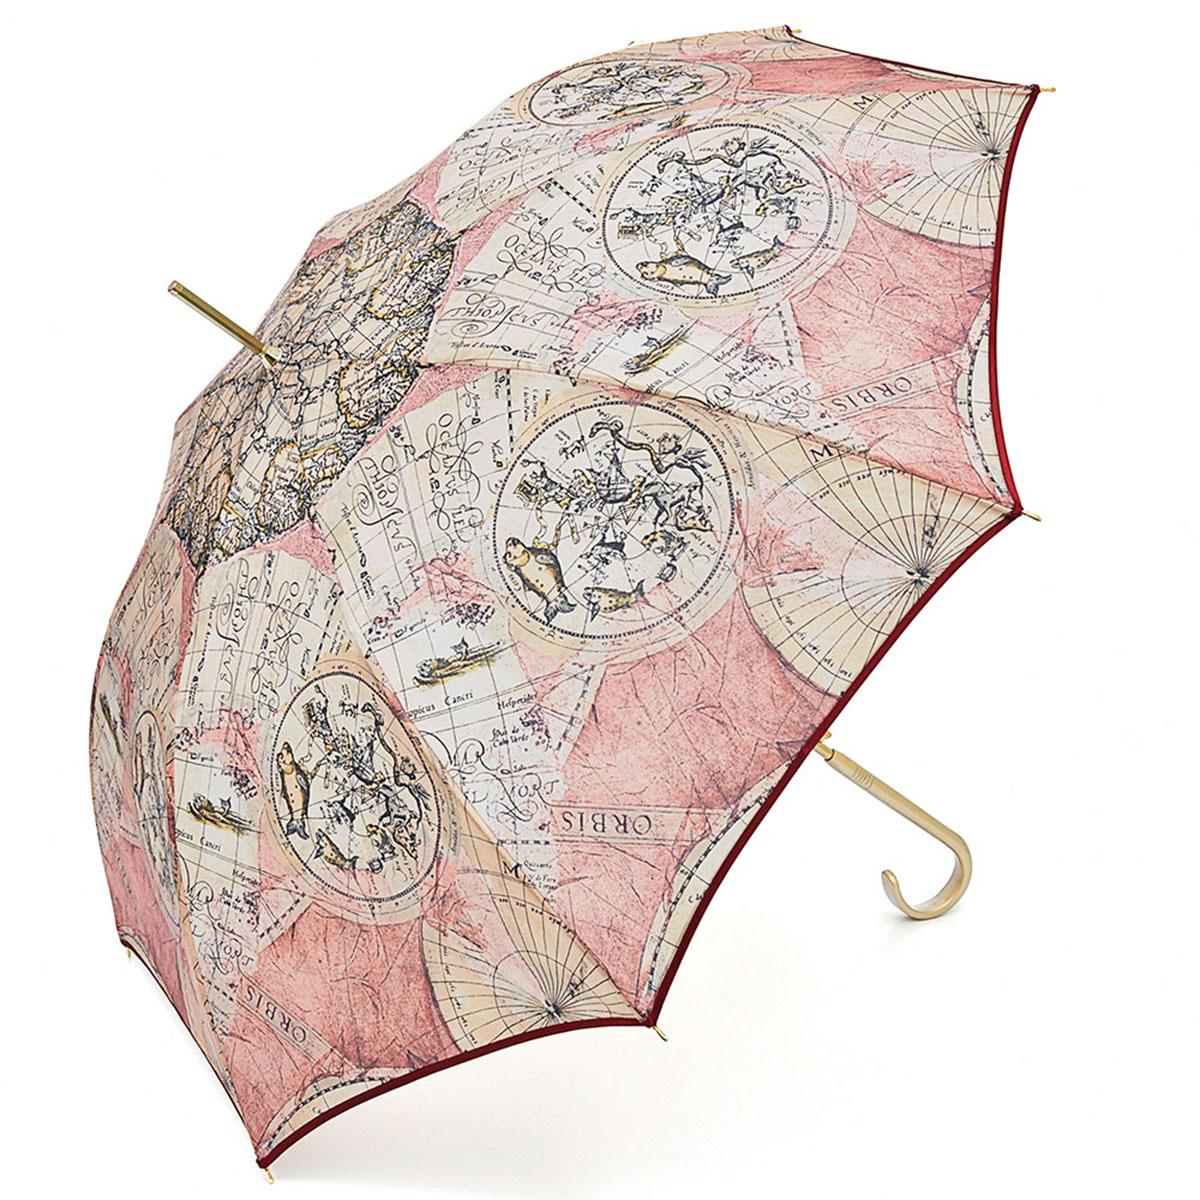 Зонт-трость женский Stilla, цвет: светло-розовый, бежевый, черный. 680/1 auto